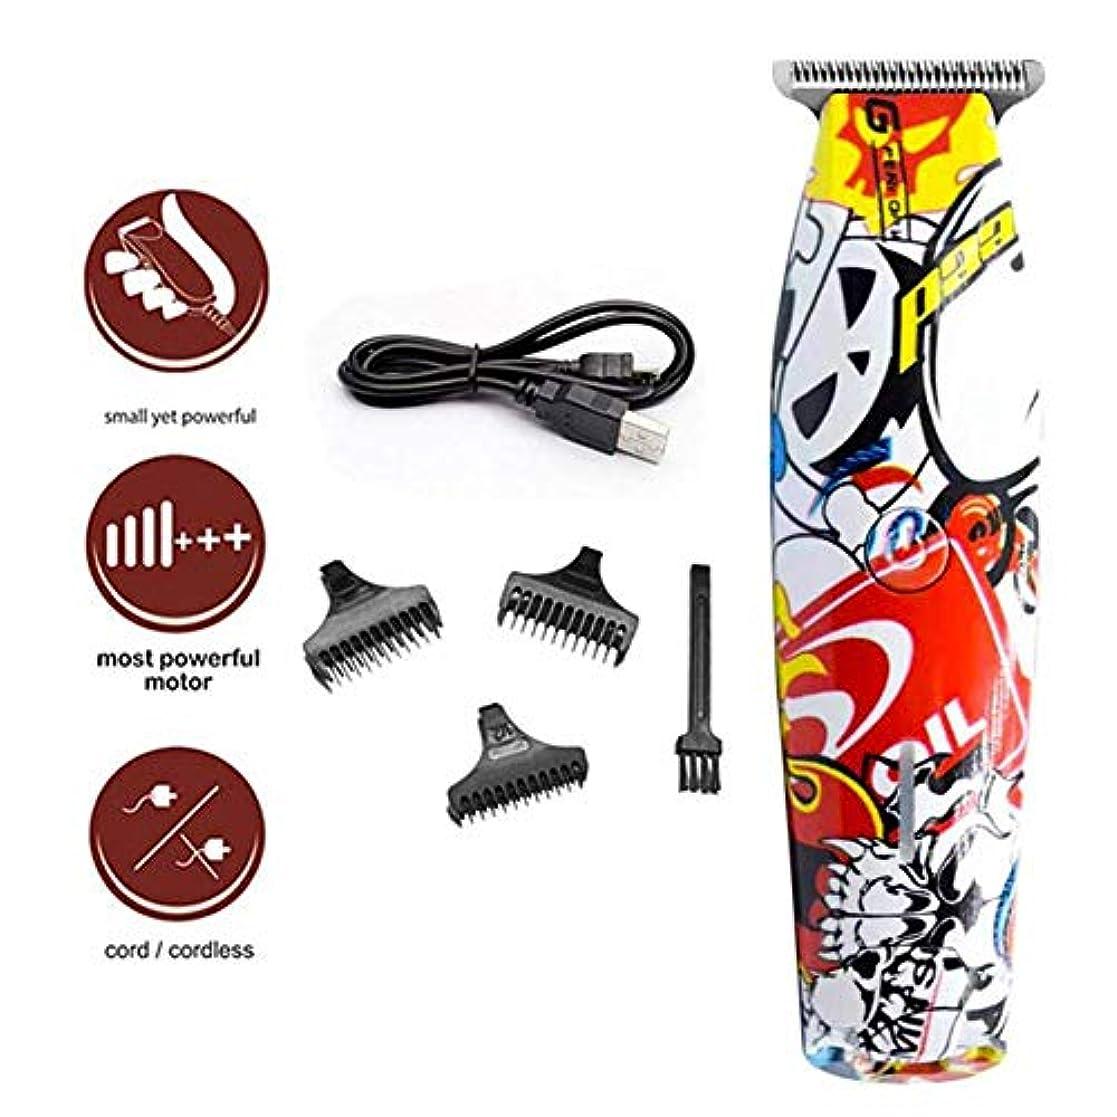 スペード気分が良いピアース男性の電気バリカンレトロなオイルヘッドレタリングヘアカットマシントリマーツールUSB充電式用電気シェーバー